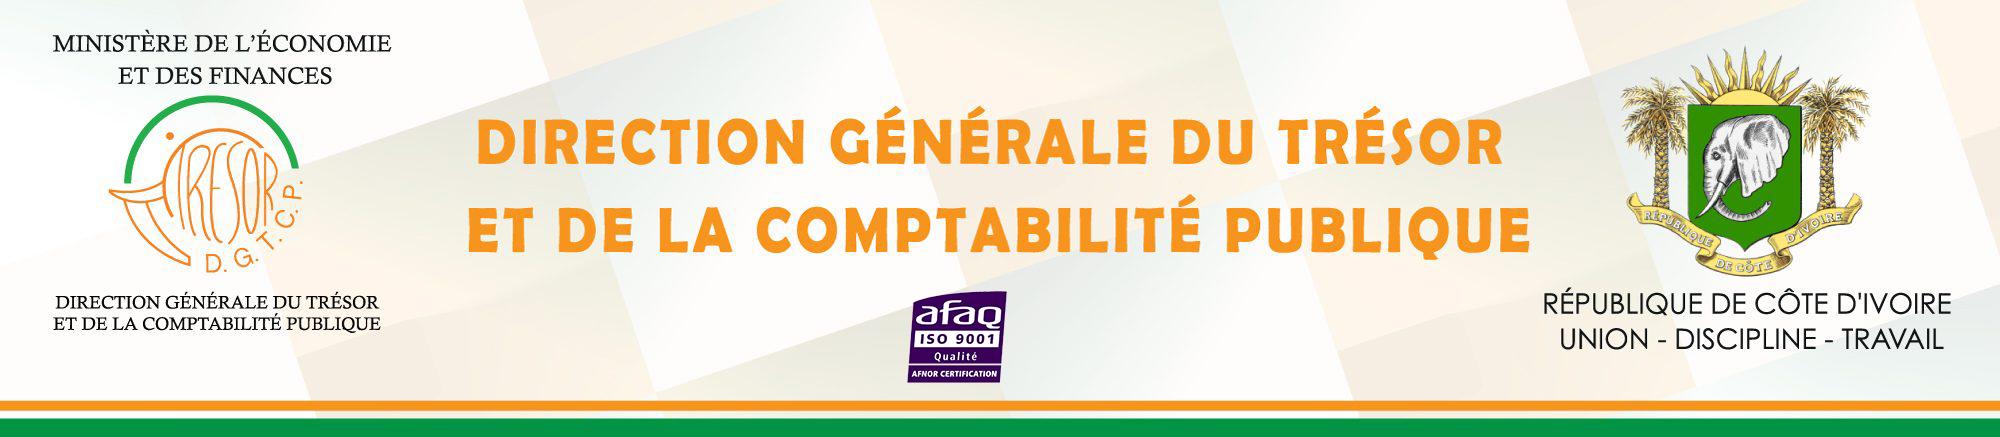 DIRECTION GÉNÉRALE DU TRÉSOR ET DE LA COMPTABILITÉ PUBLIQUE